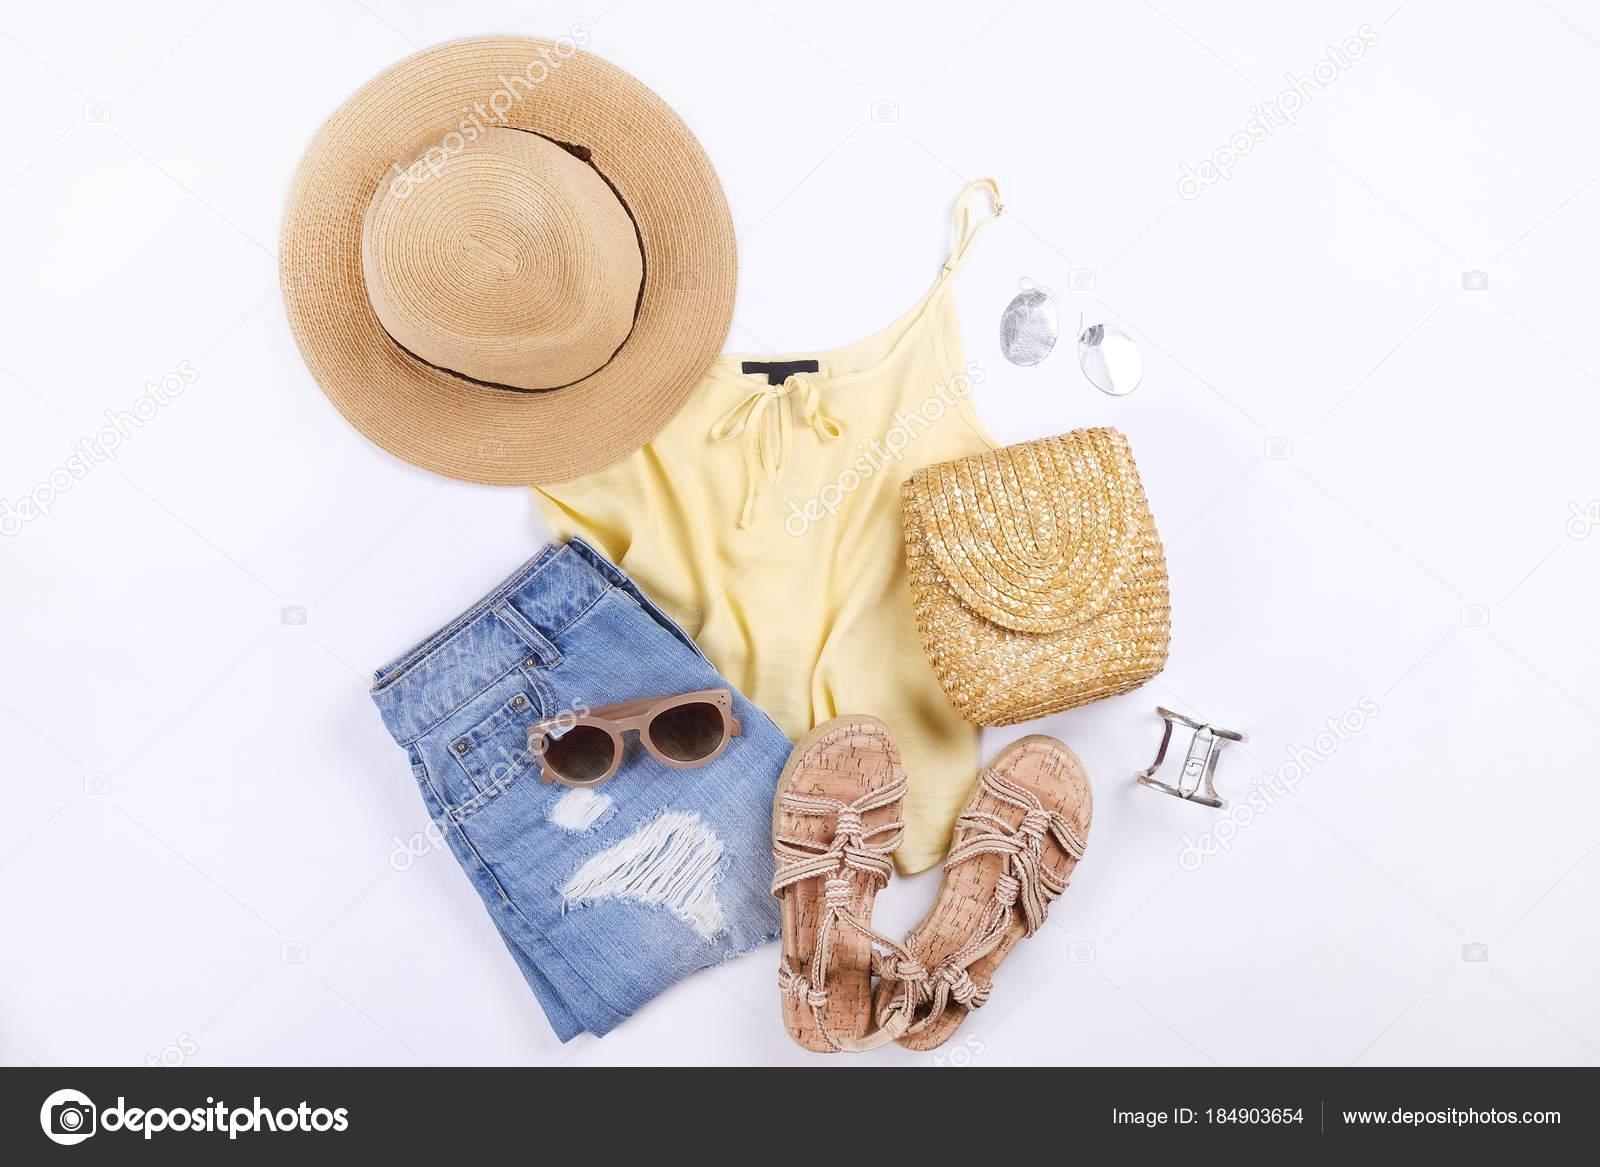 7bea73e976 Nő ruha & tartozékok: sárga felső, farmer szoknya, parfüm, kötél szandál,  napszemüveg, szalmakalap, fehér háttér. Lapos laikus trendi női divat.